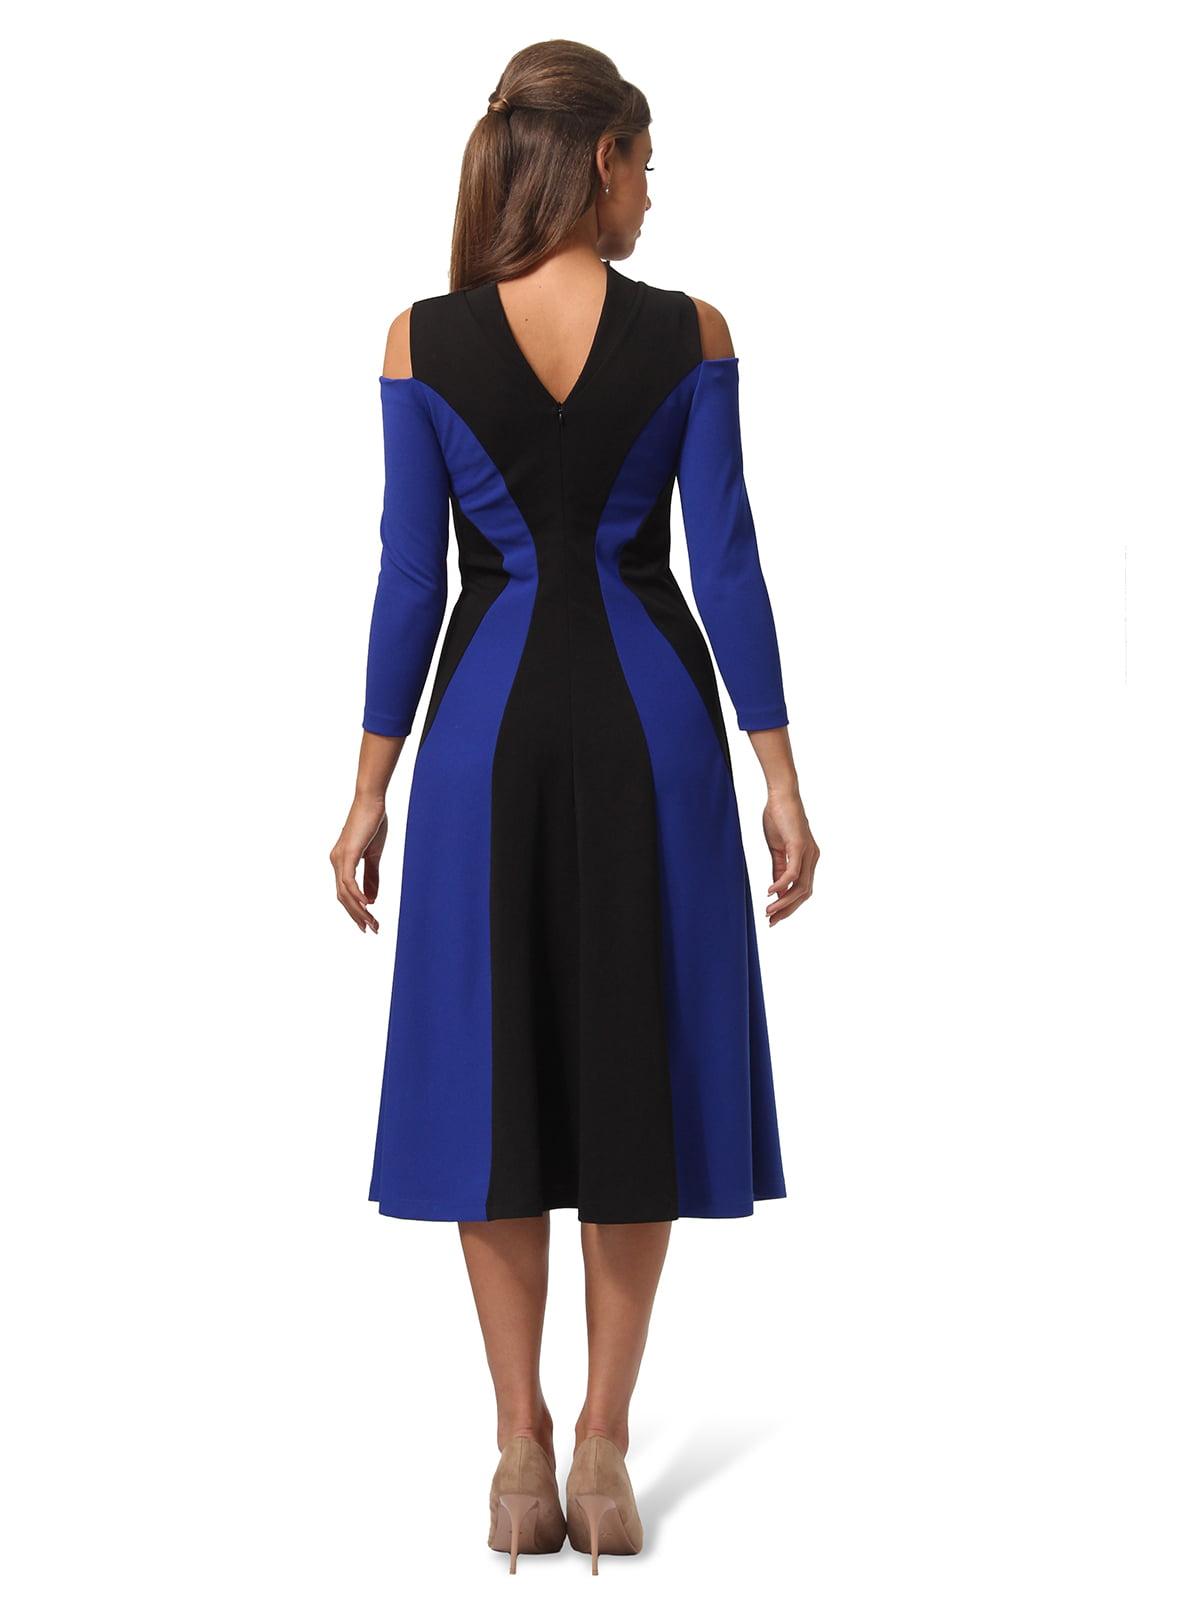 Платье двухцветное | 4563337 | фото 7